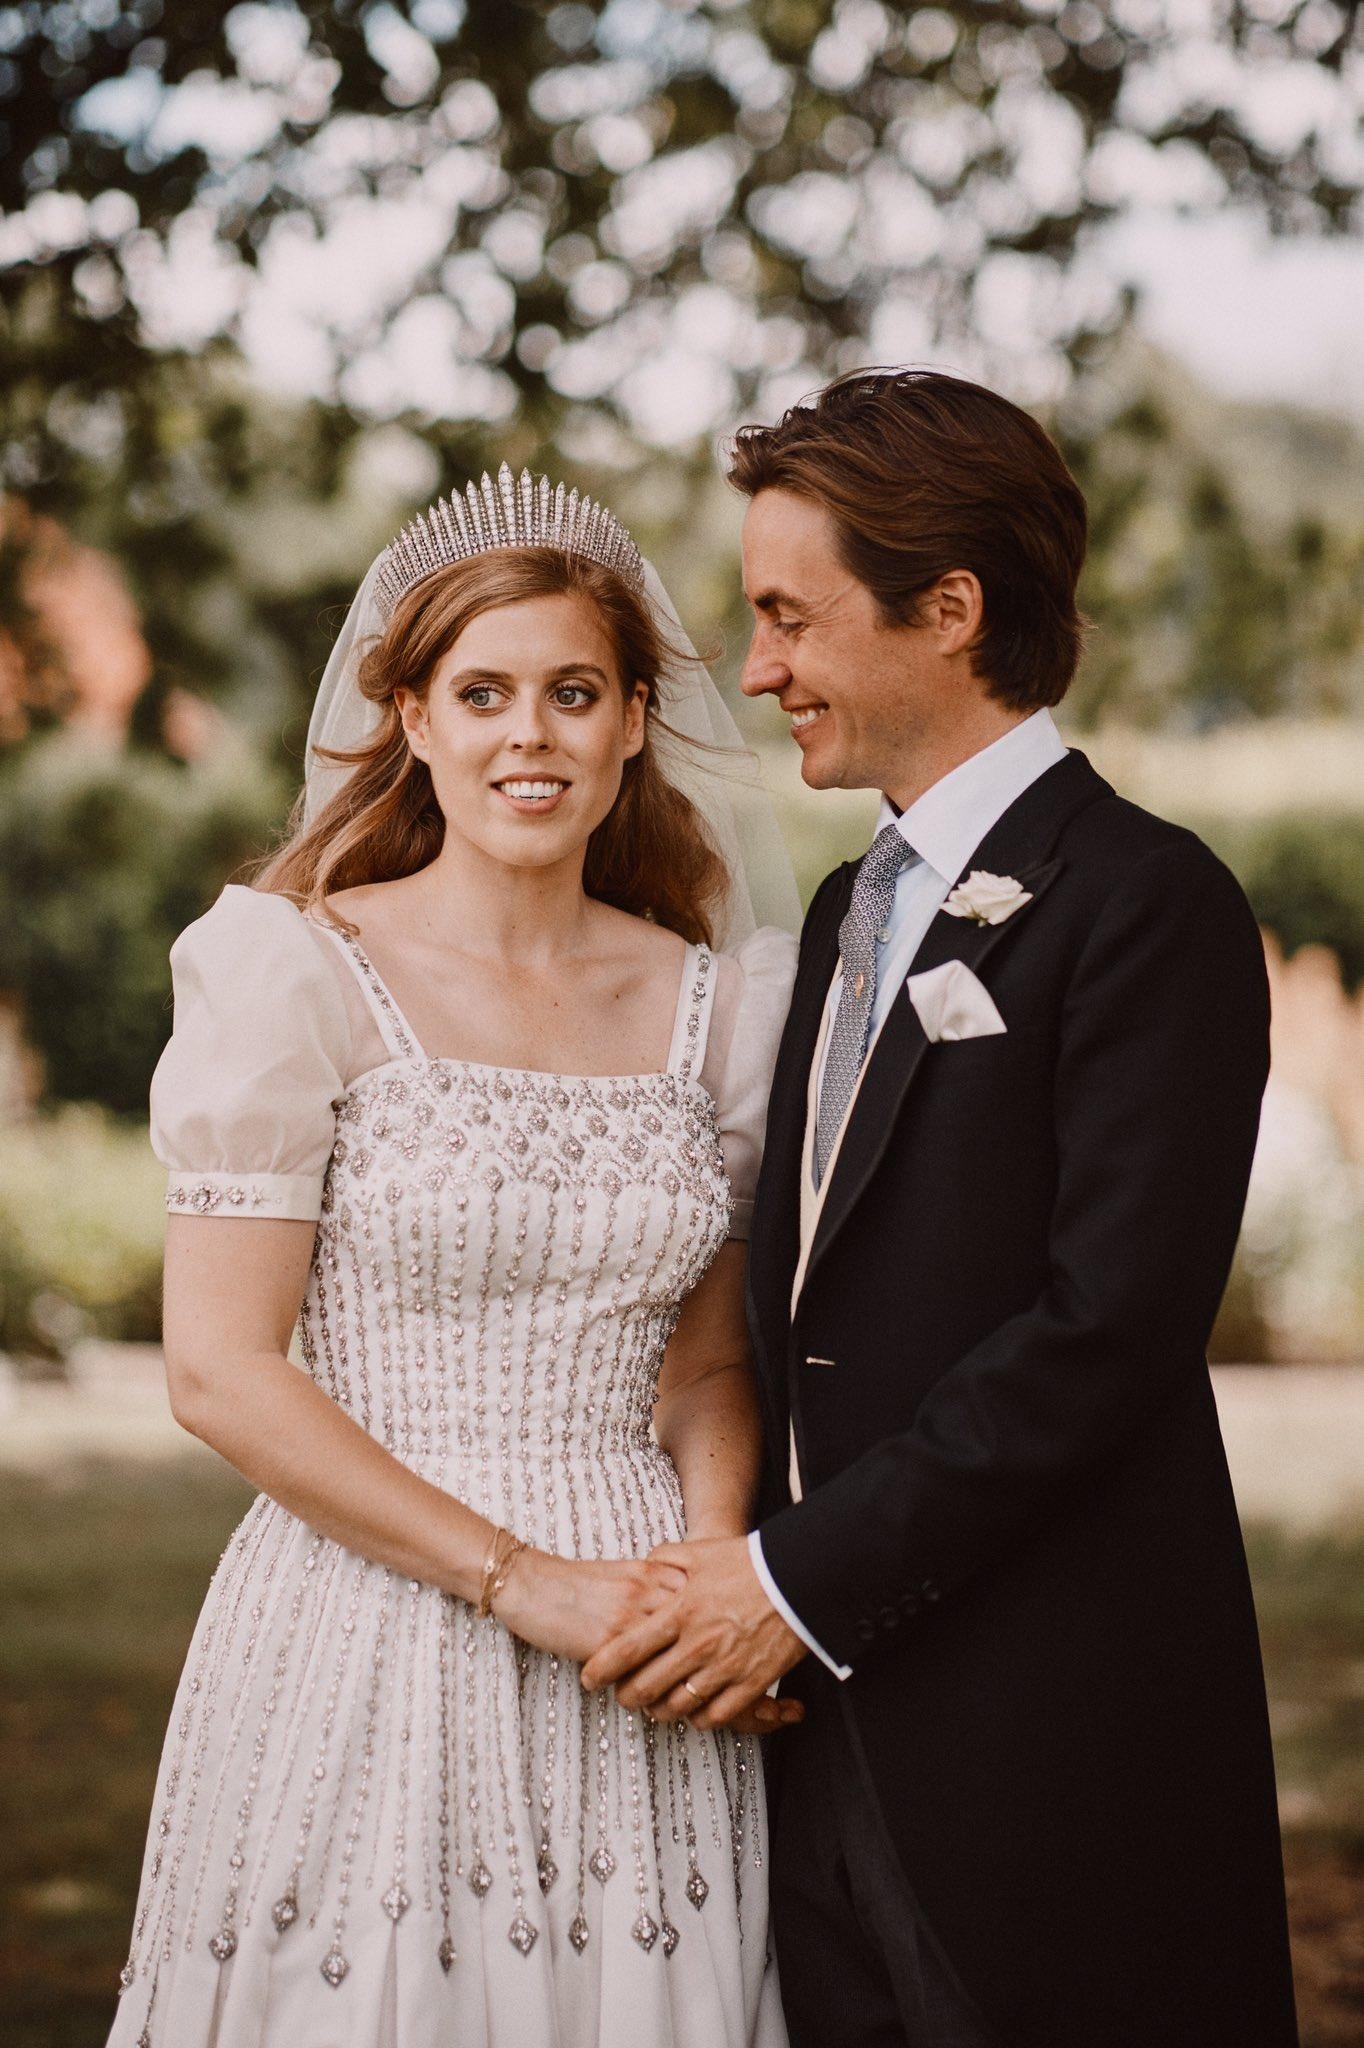 Công chúa Beatrice diện váy cưới mượn từ nữ hoàng